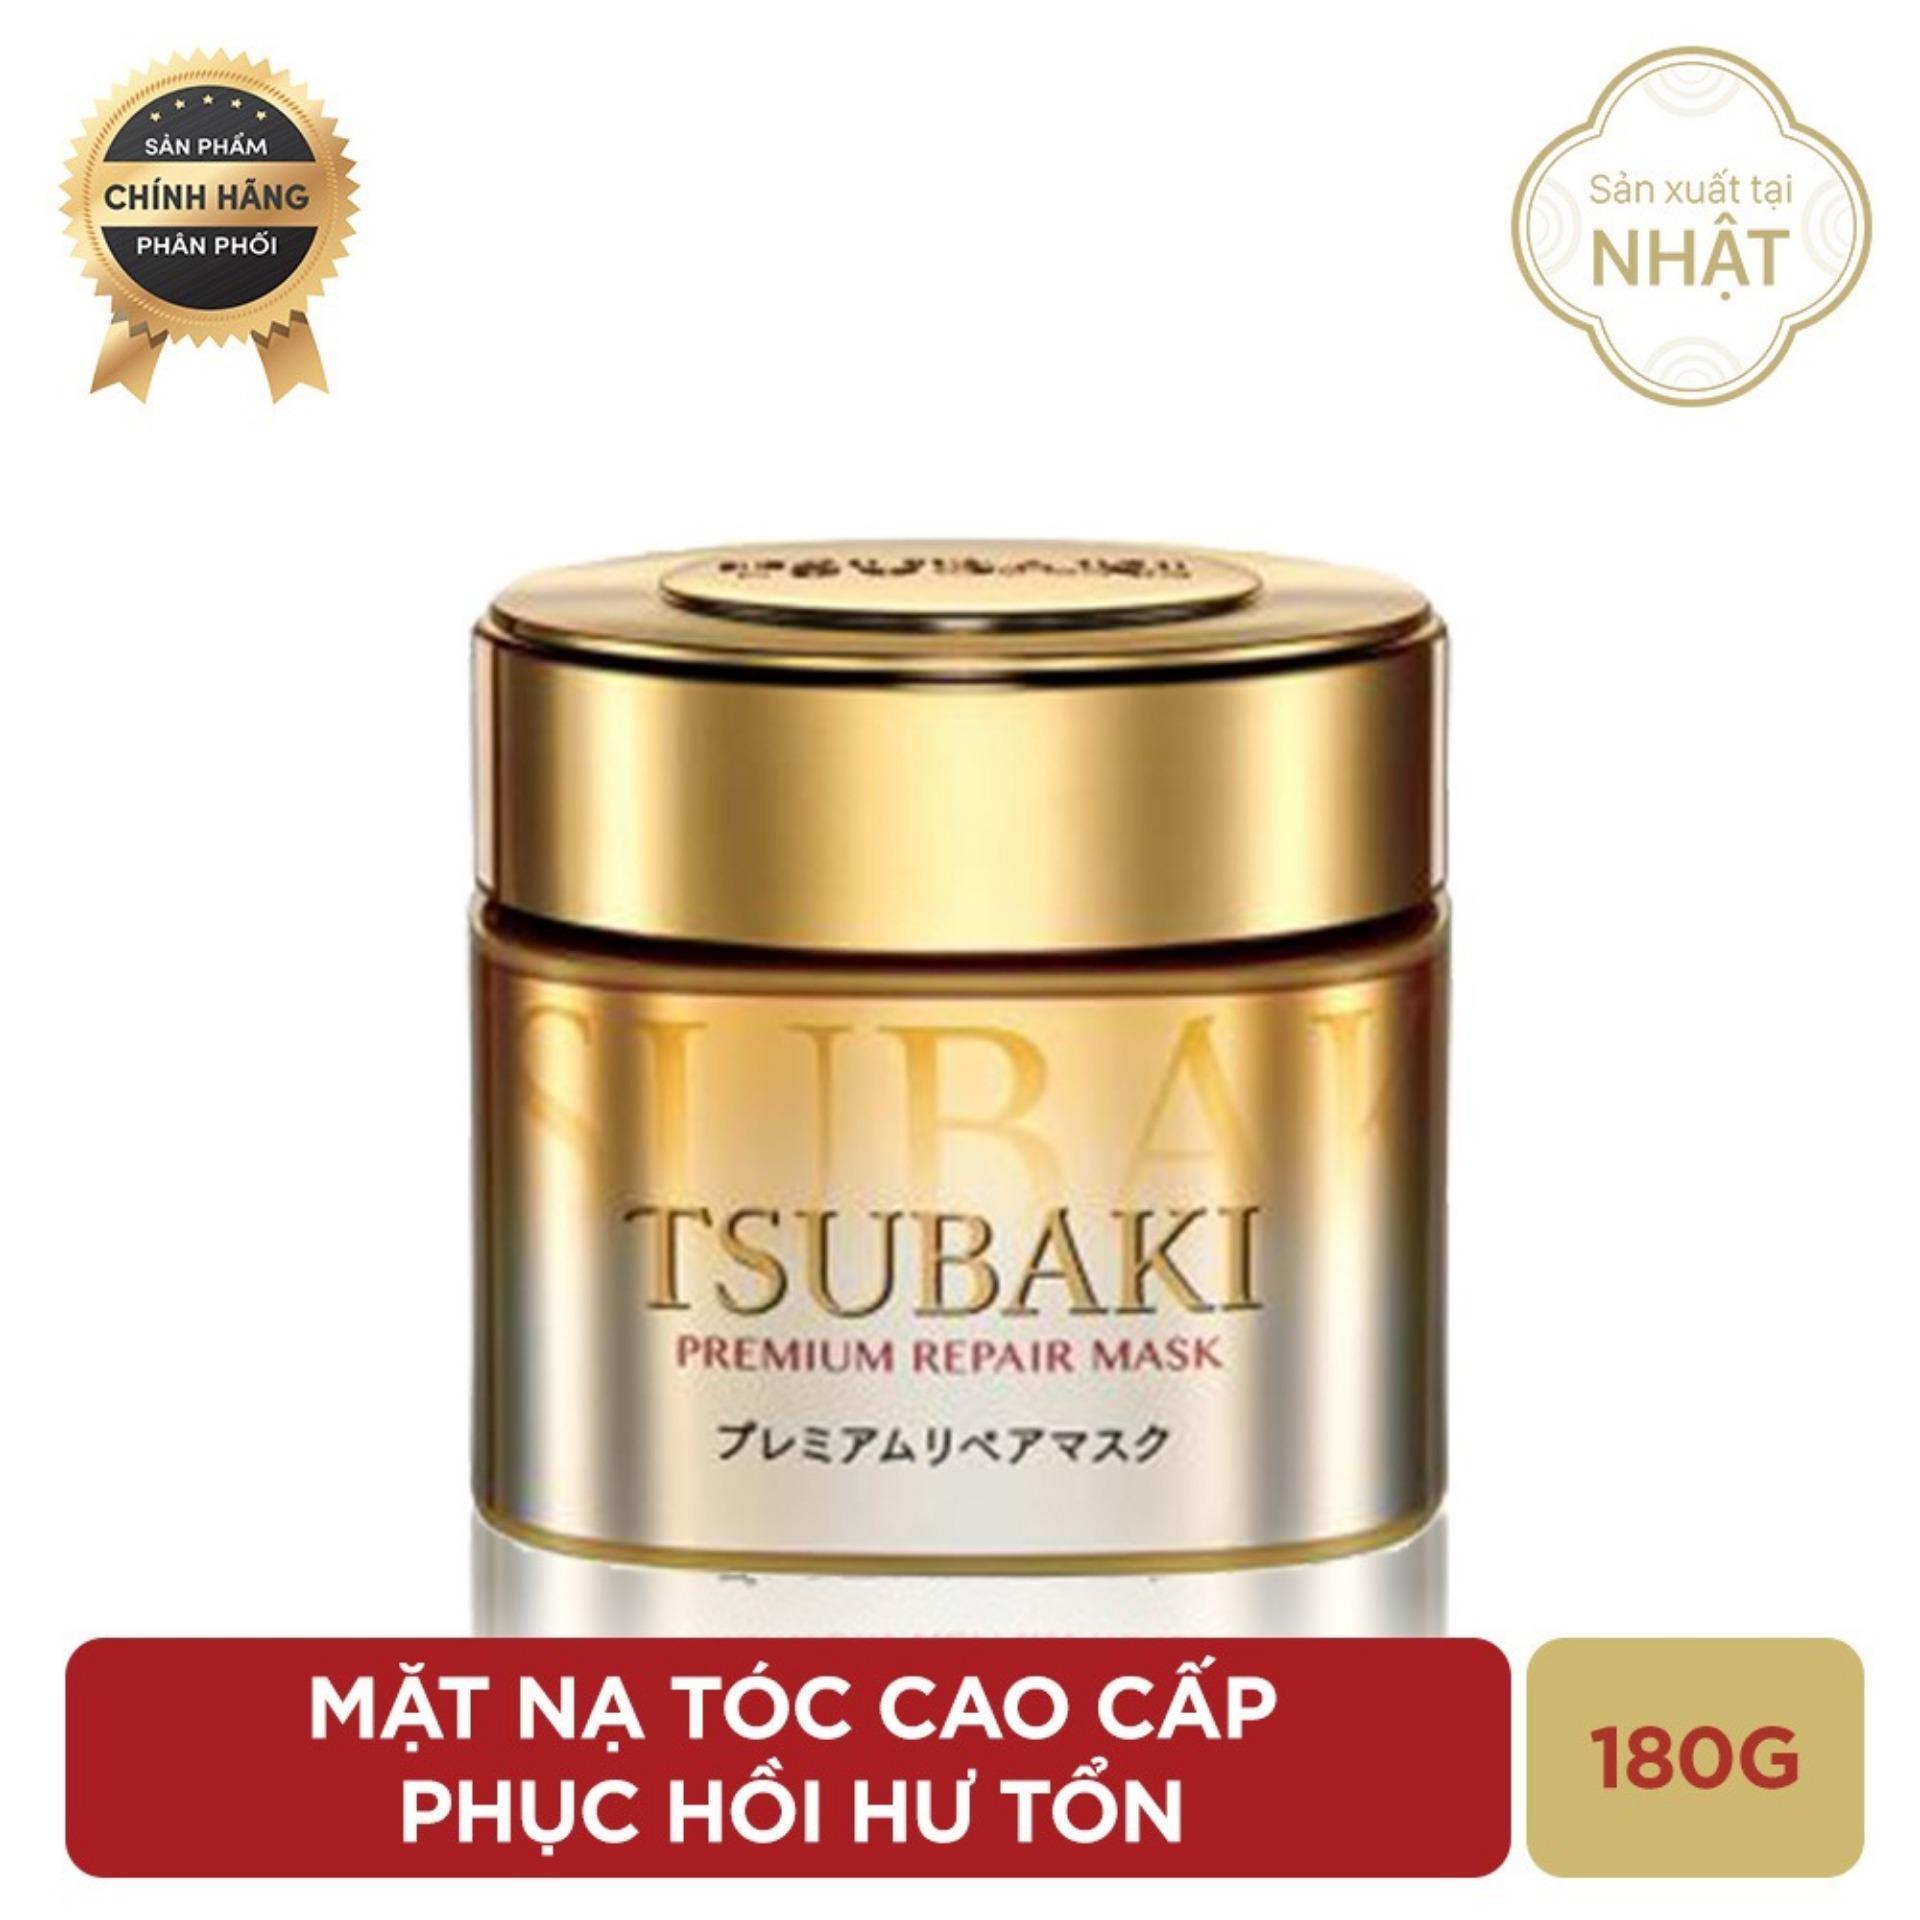 Mặt nạ tóc cao cấp phục hồi hư tổn Tsubaki Premium Repair Mask 180g